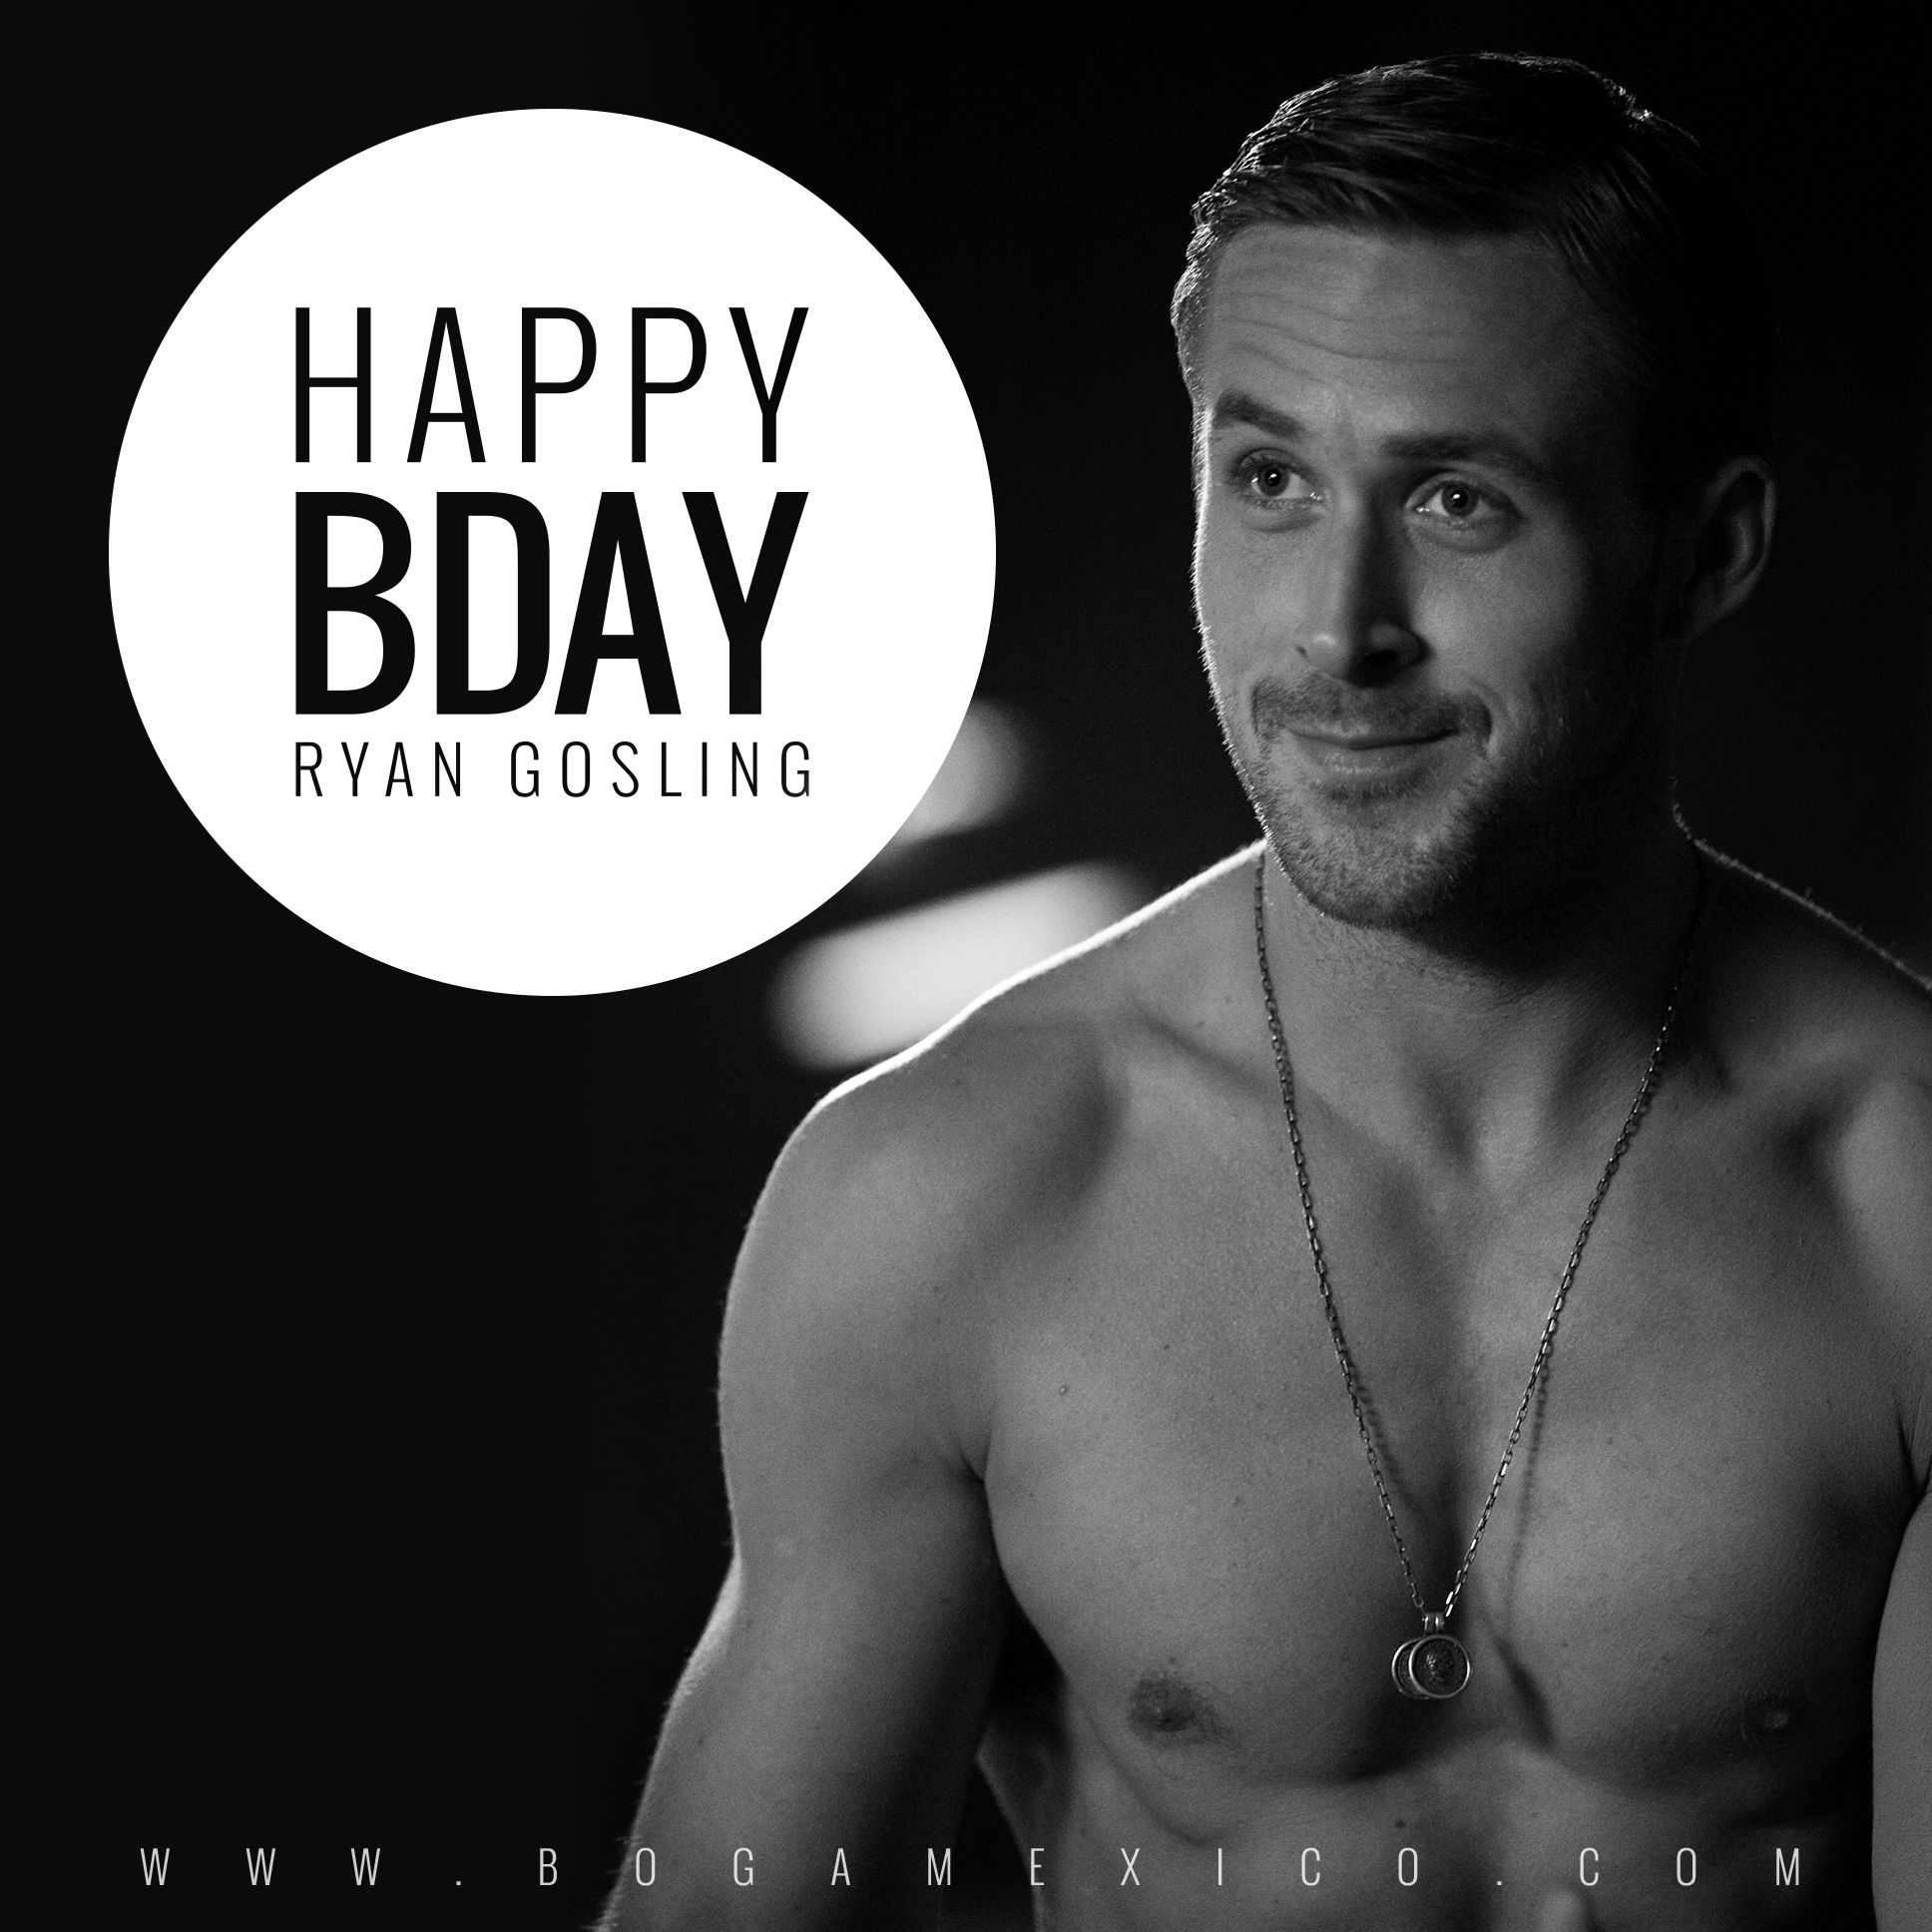 ¡Feliz cumpleaños al hombre más deseado, Ryan Gosling! #bogamexico #mexico #cumpleanos #ryangosling #birthday #happybirthday #crazystupidlove #thenotebook #handsome